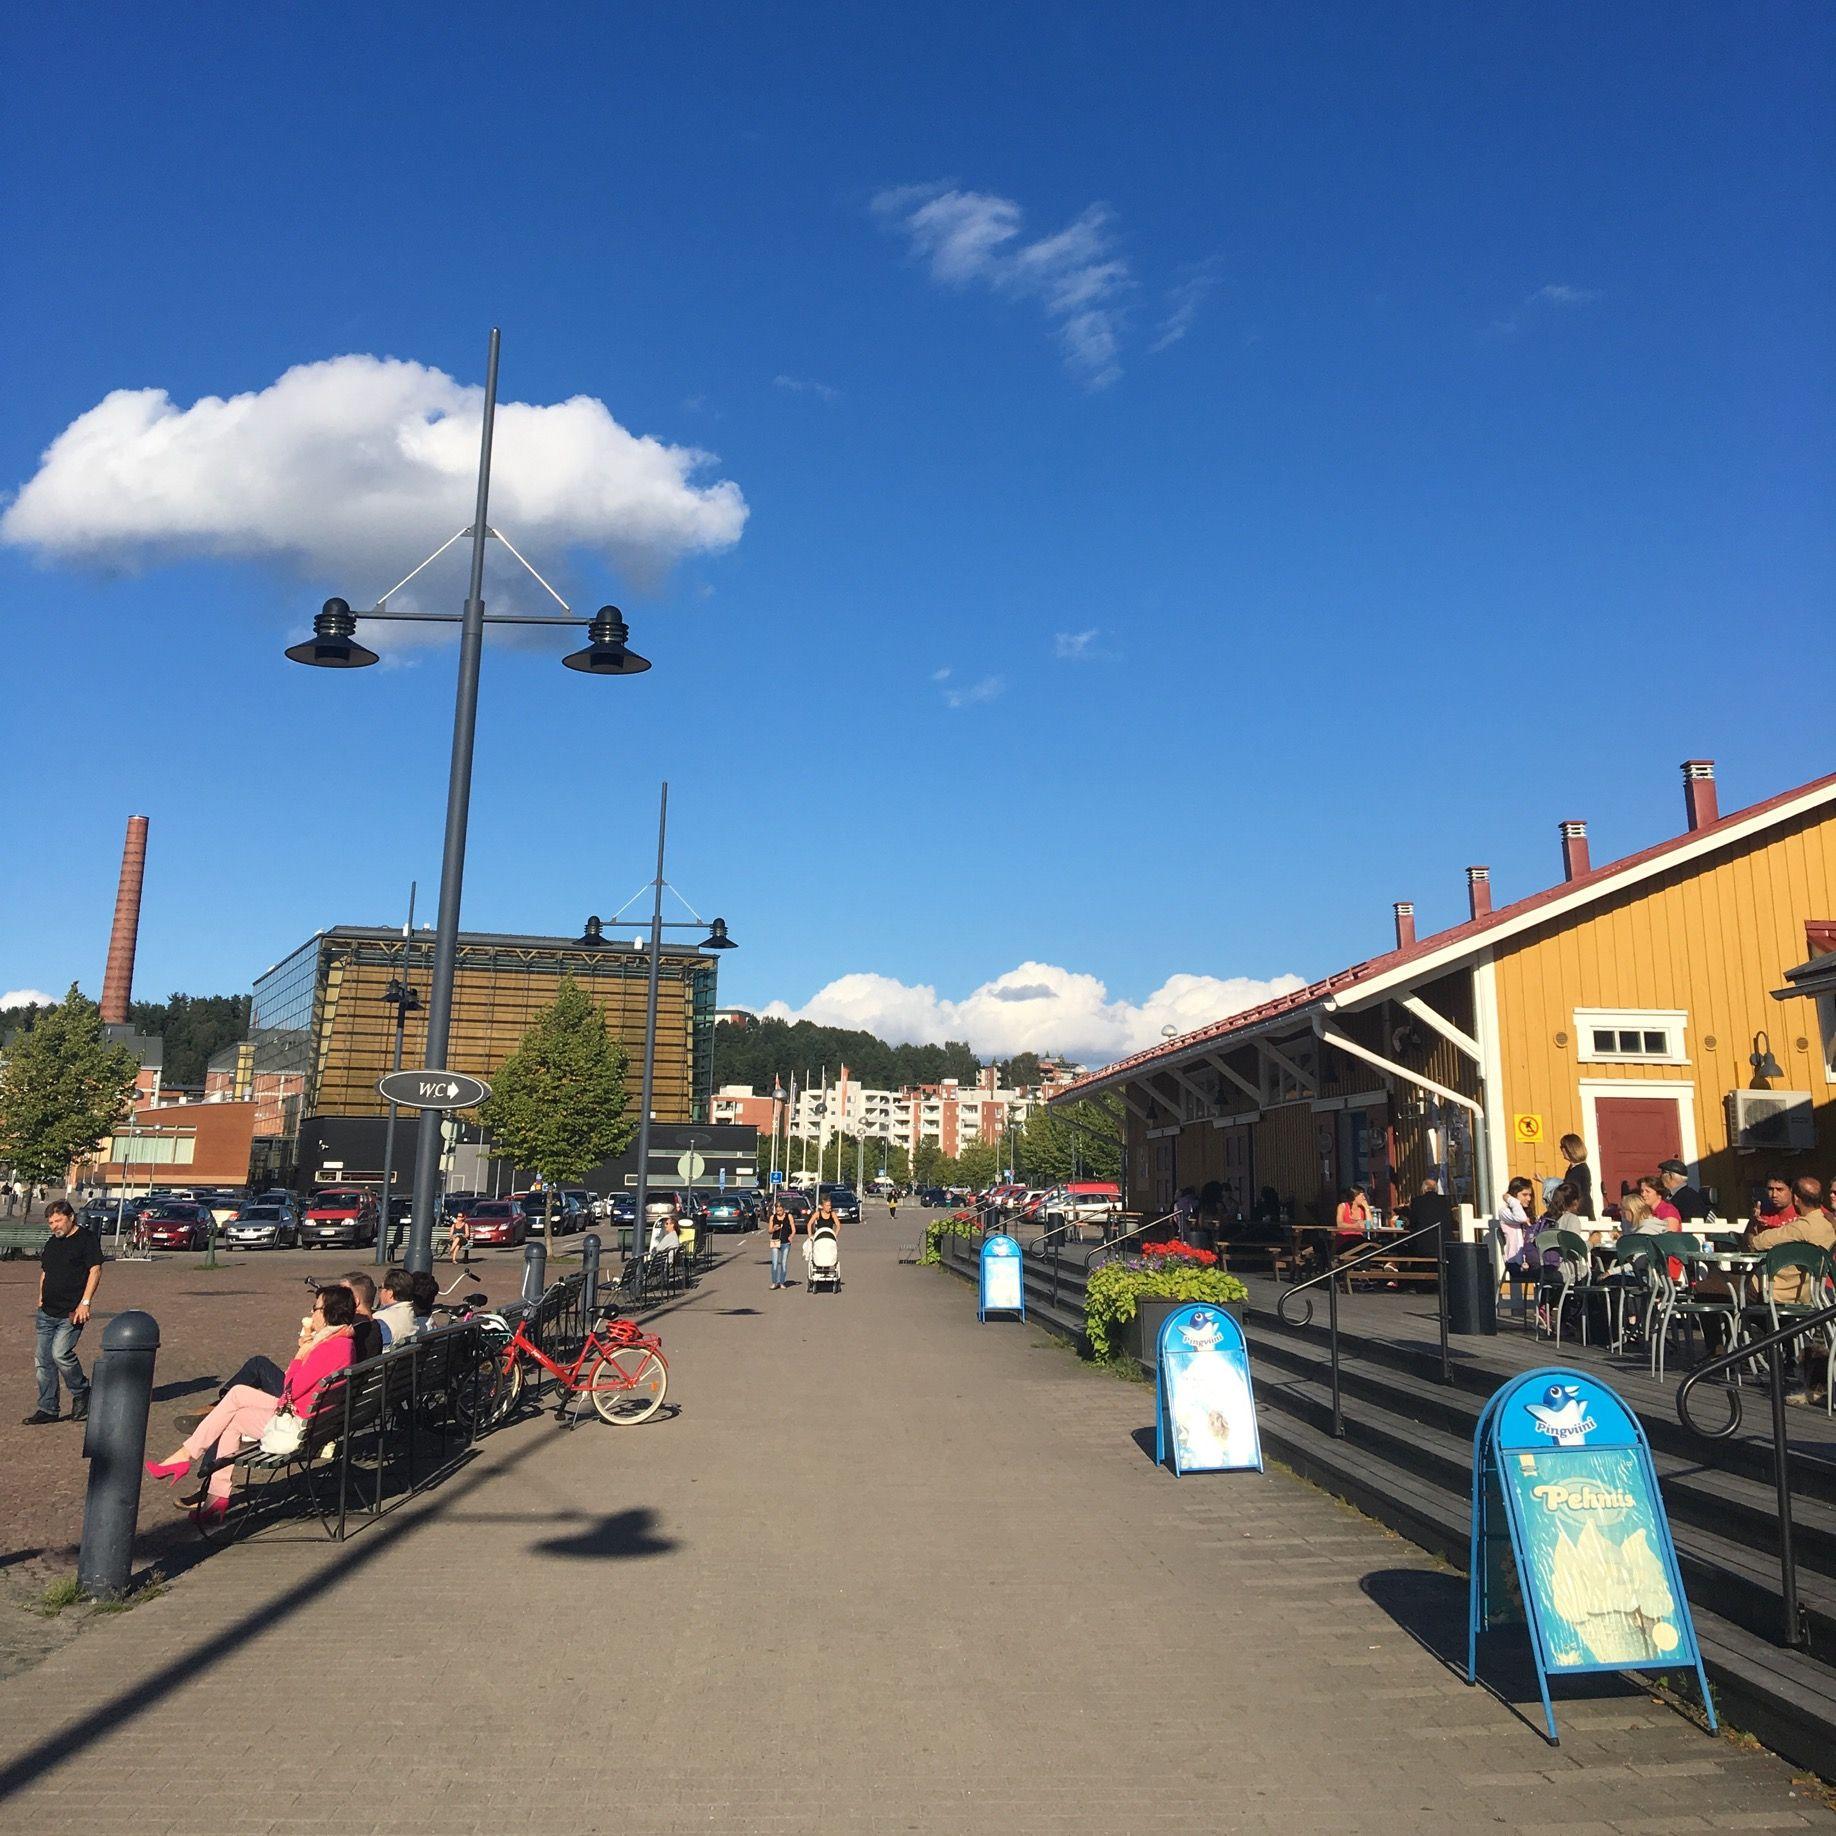 Lahden matkustajasatama sijaitsee aivan keskustan tuntumassa, Vesijärven rannassa. Satamassa voi nauttia kesäpäivistä kahviloissa istuskellen. Satamasta löytyy ravintoloita, terasseja, Sibeliustalo ja mahdollisuus lähteä järvi risteilylle. Laivoilla pääsee Vääksyyn. Ne hinnoitellaan kolmella eri tavalla. Päiväristeilyt ovat halvimpia, kanaristeily on hieman kalliimpi ja illallisristeily maksaa eniten. Eli 15eurosta hinnat lähtevät.